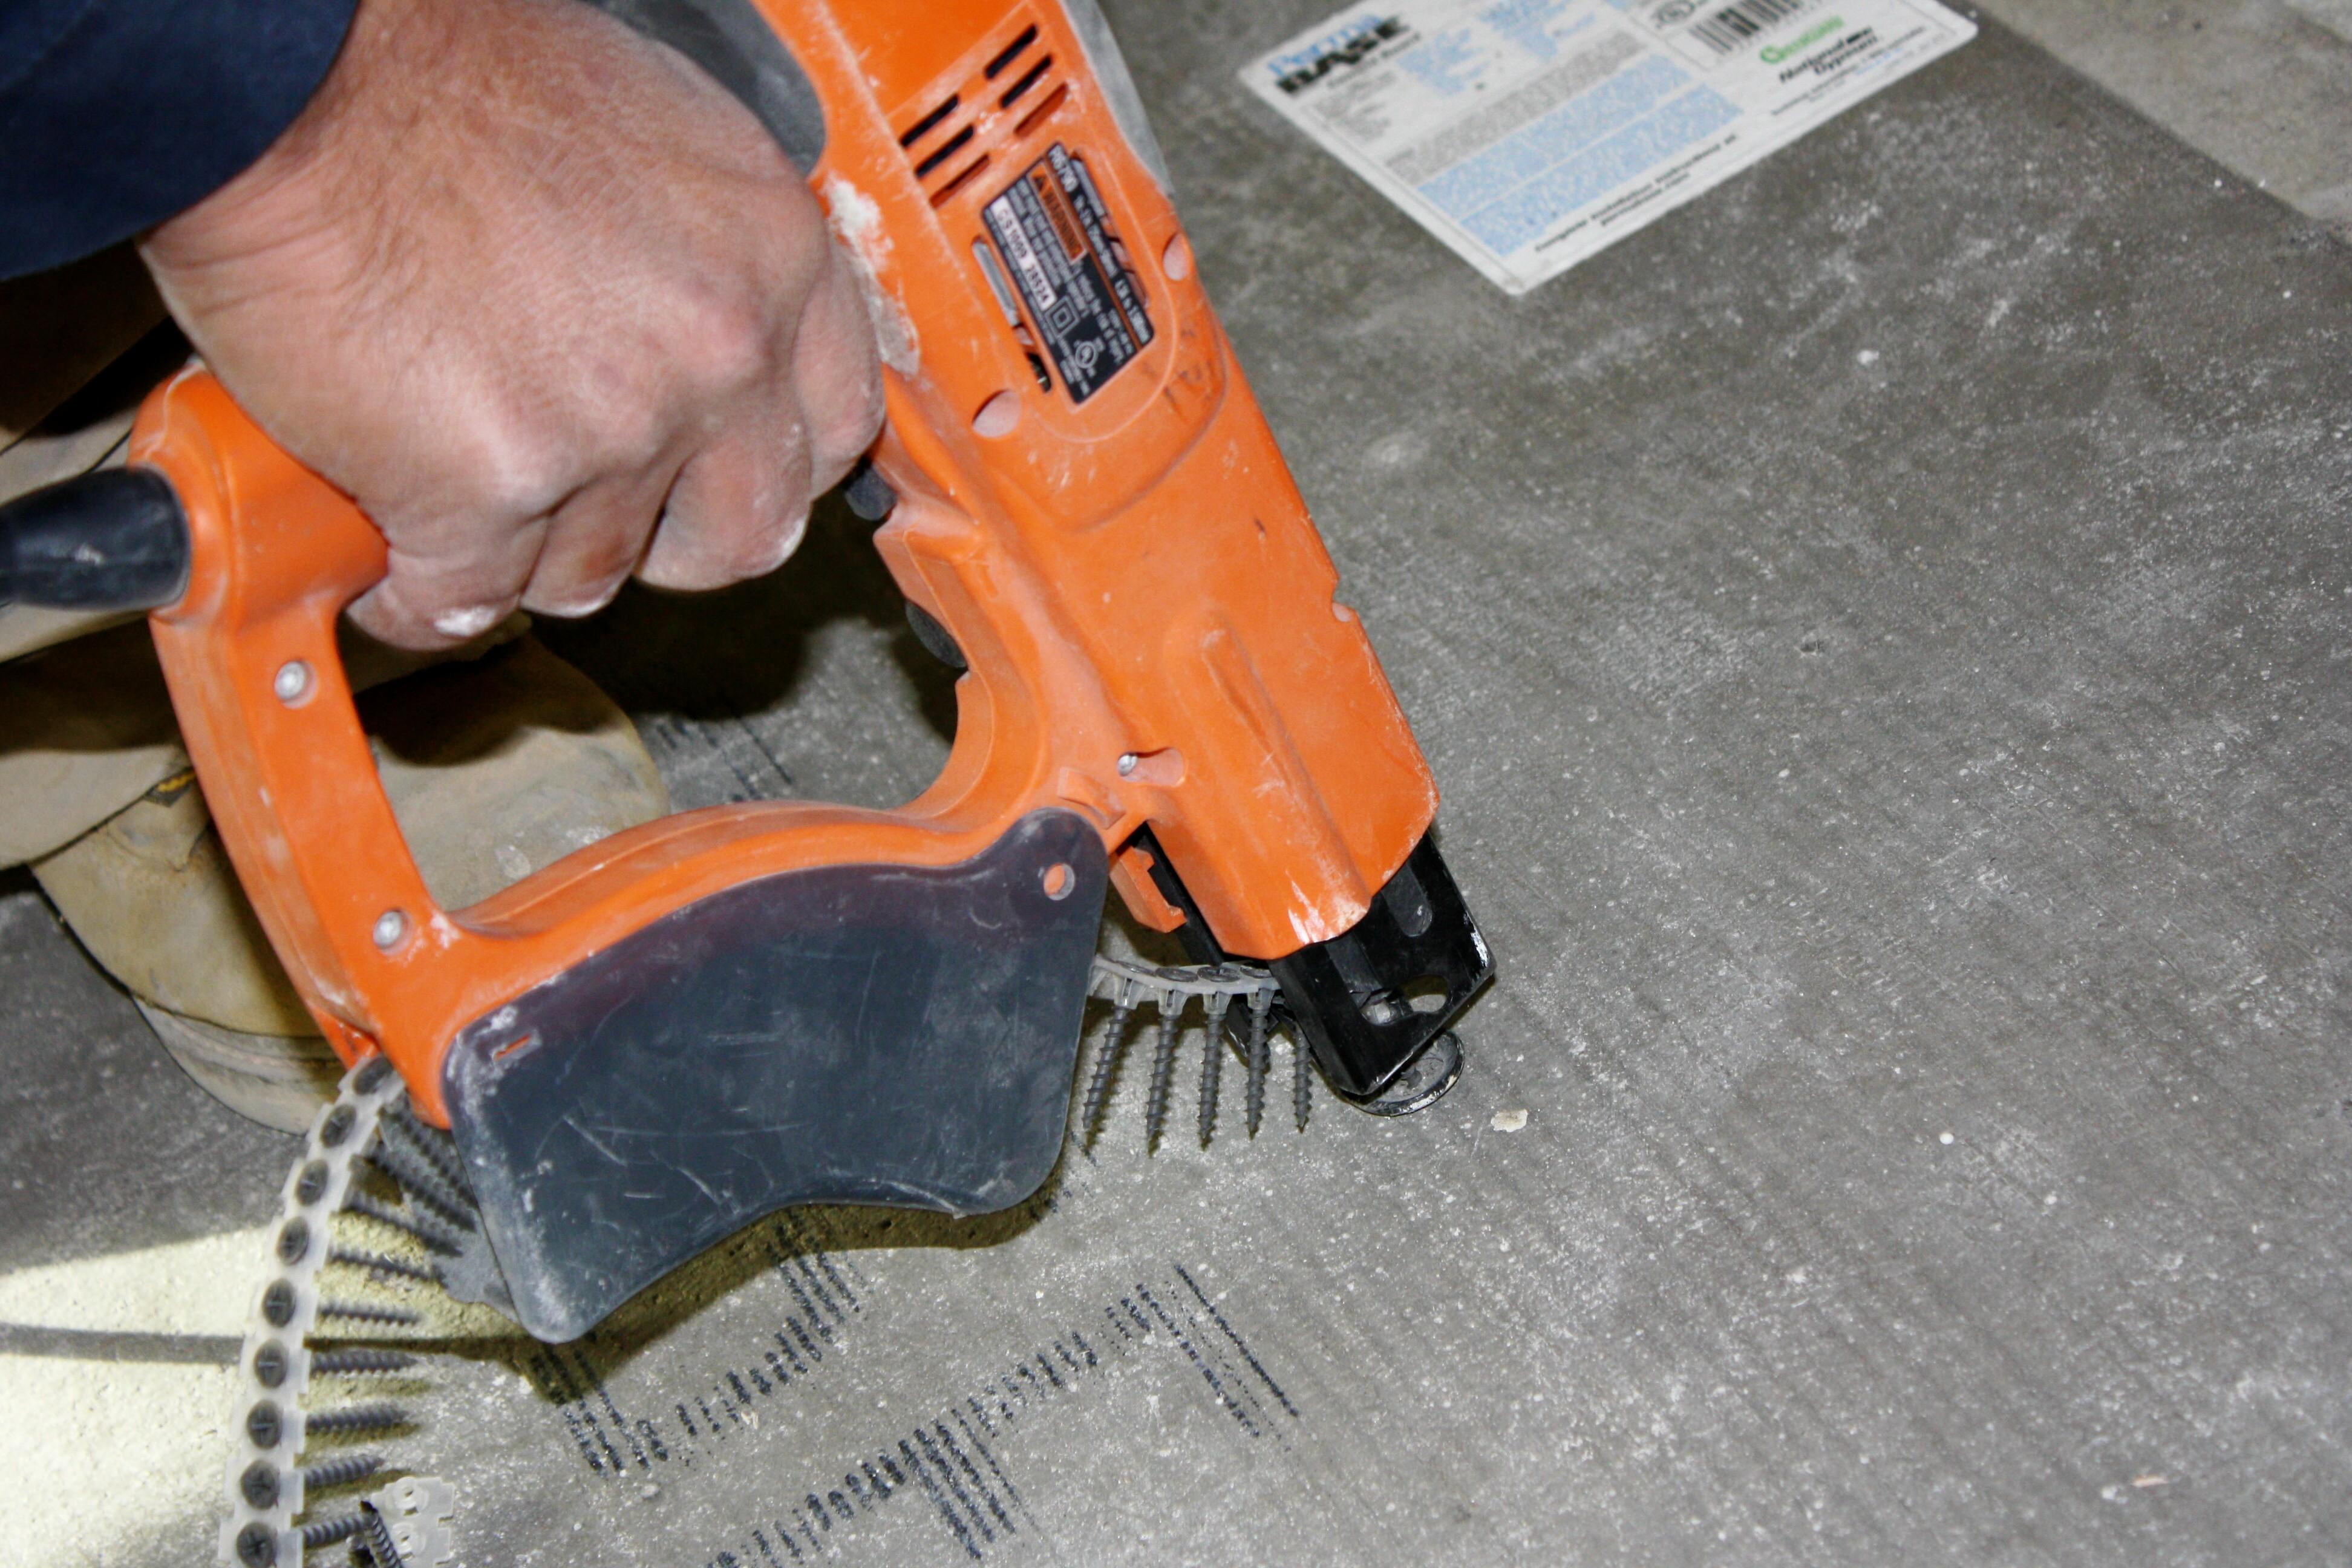 2-Collated-screw-gun